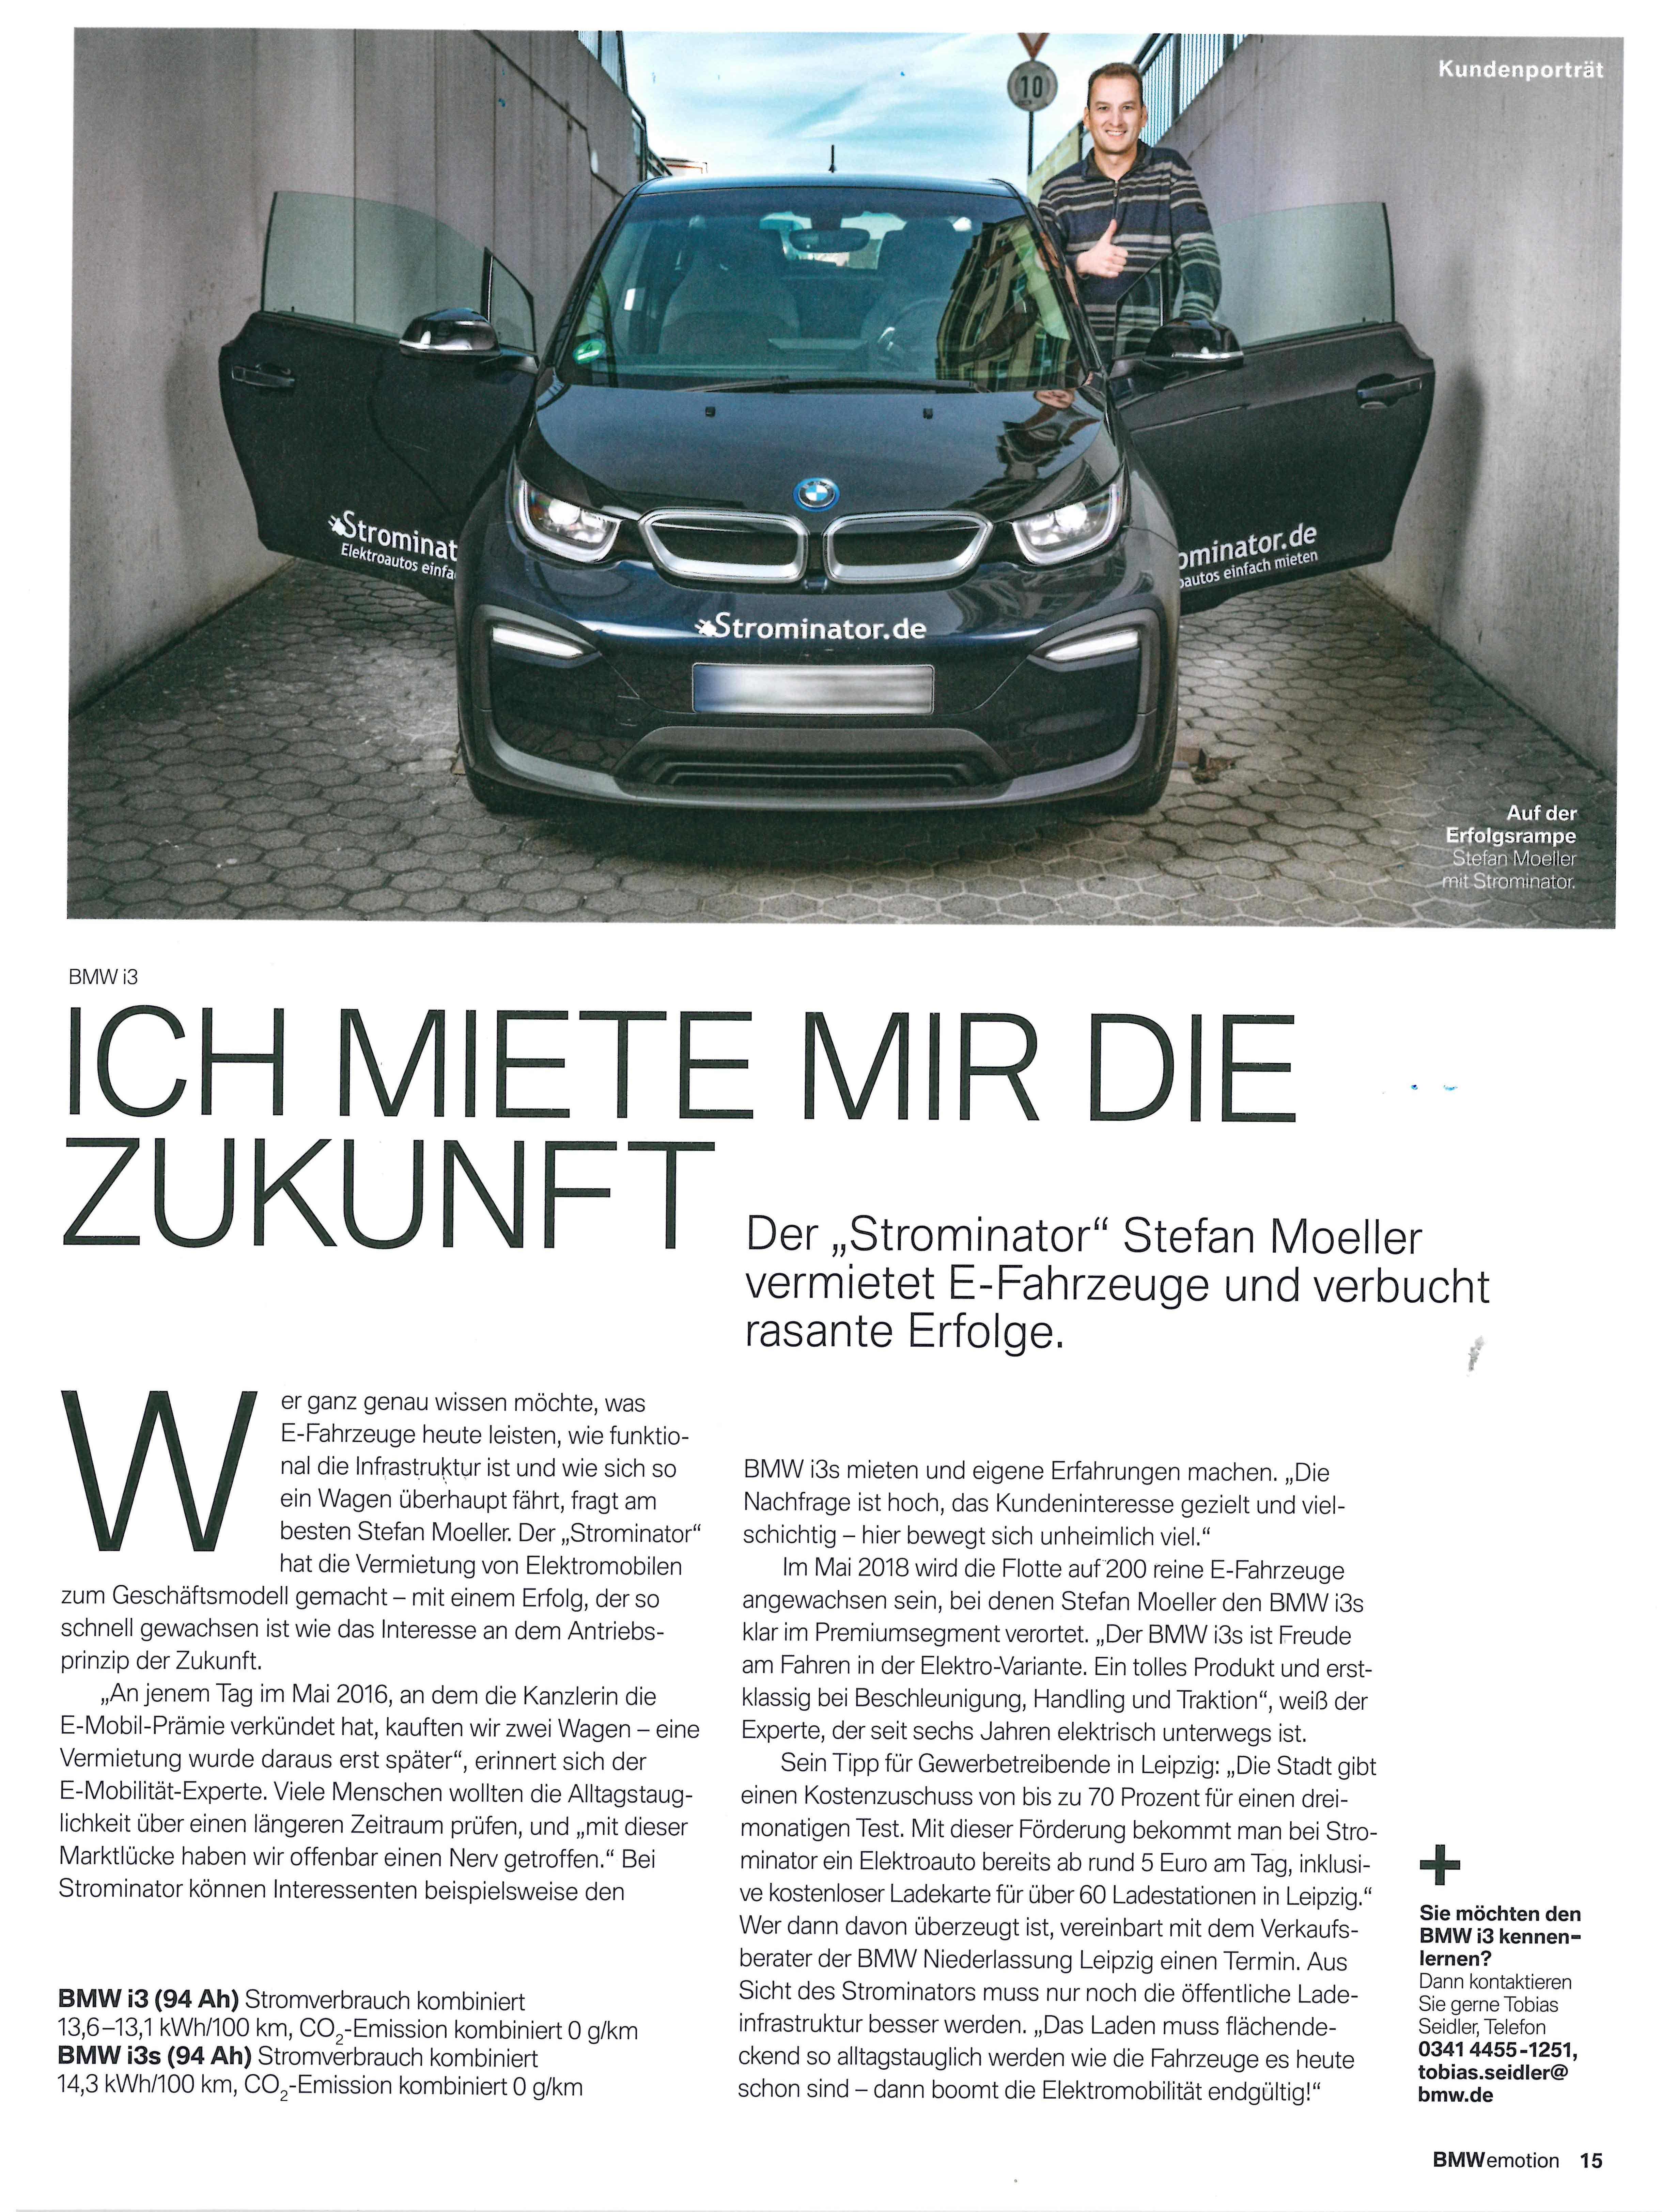 Strominator Stefan Moeller im Interview mit BMWemotion